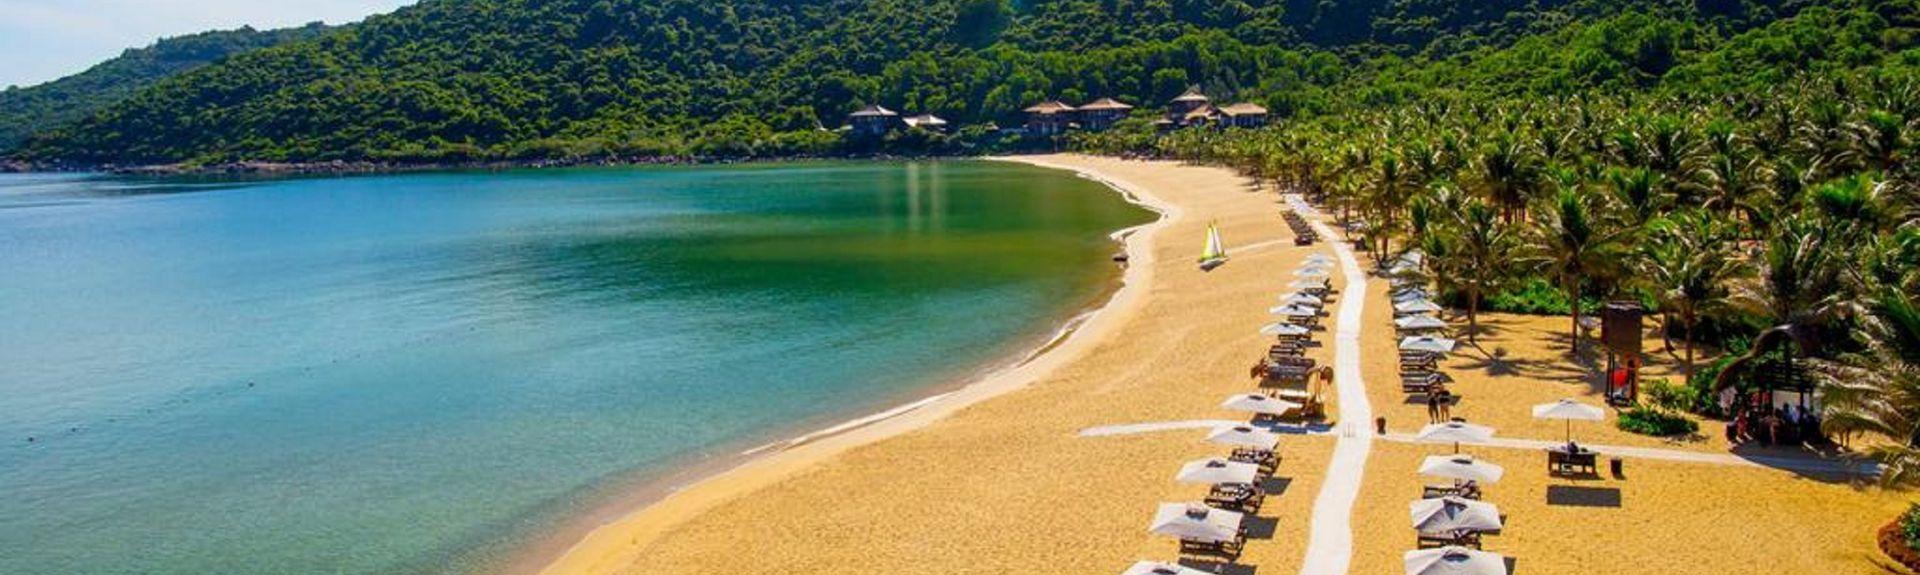 Cua Dai Beach, tp. Hoi An, Vietnam